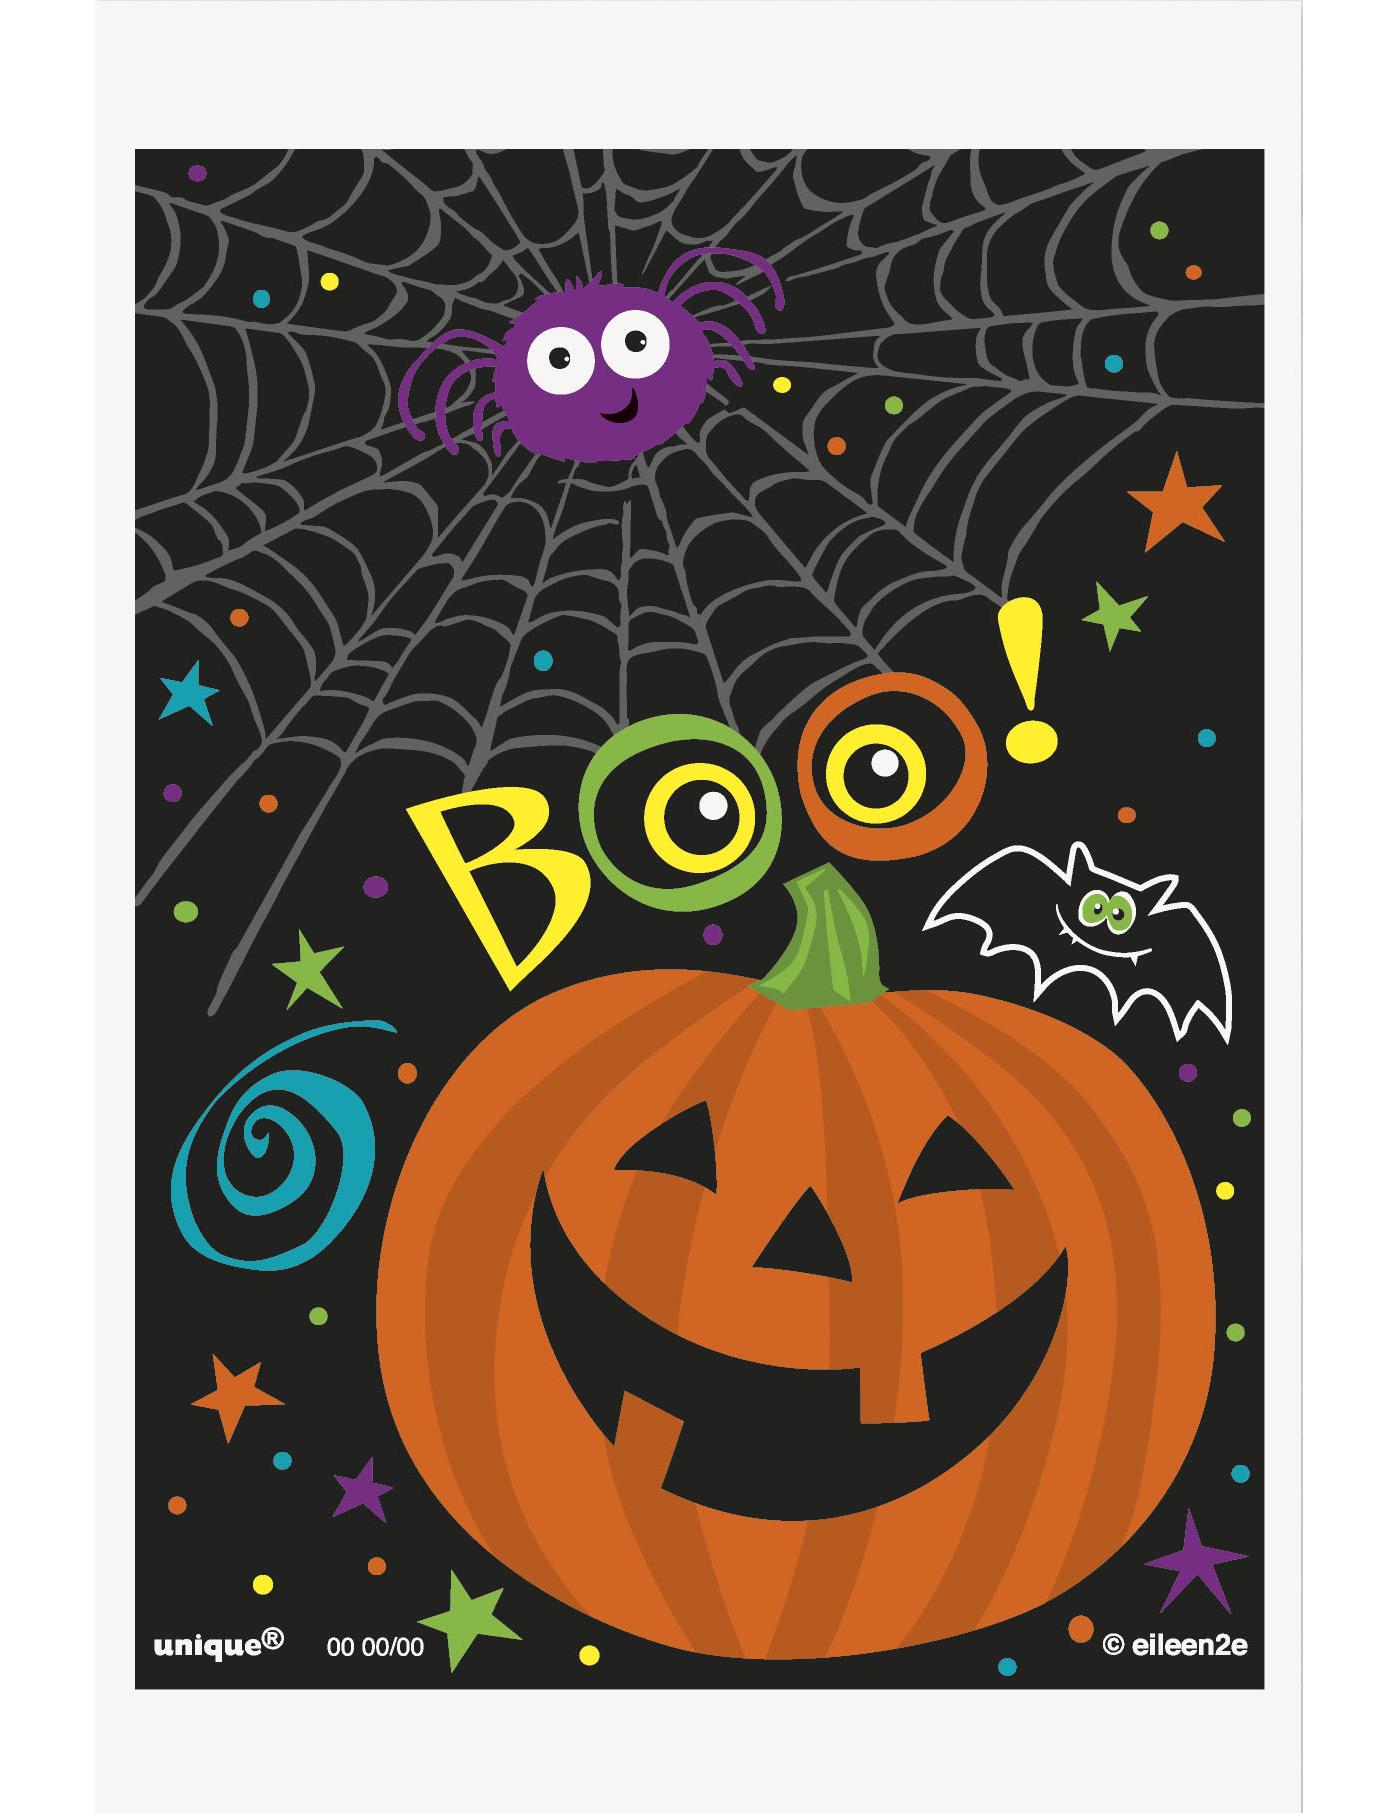 50 sacs cadeaux en papier petite citrouille halloween d coration anniversaire et f tes th me - Citrouille halloween en papier ...